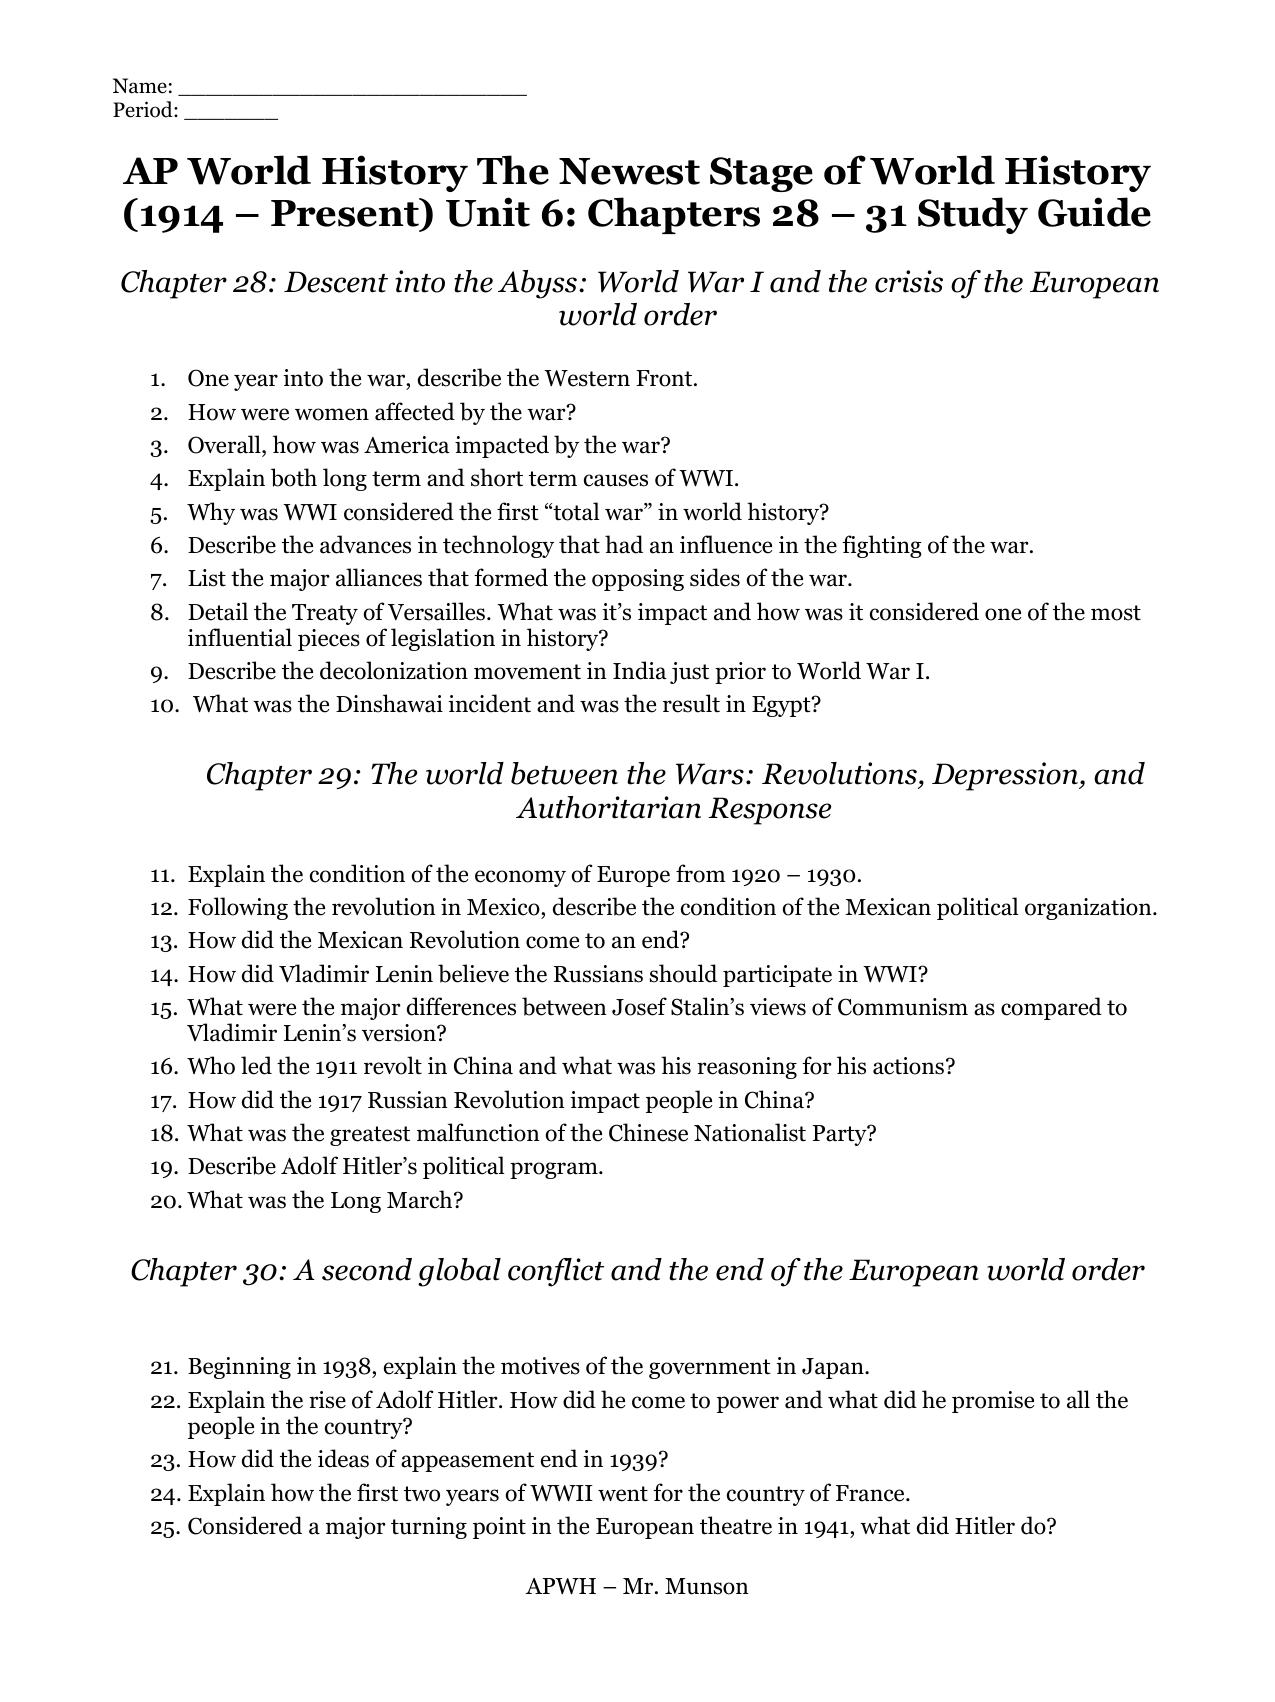 ap euro chapter 30 quizlet